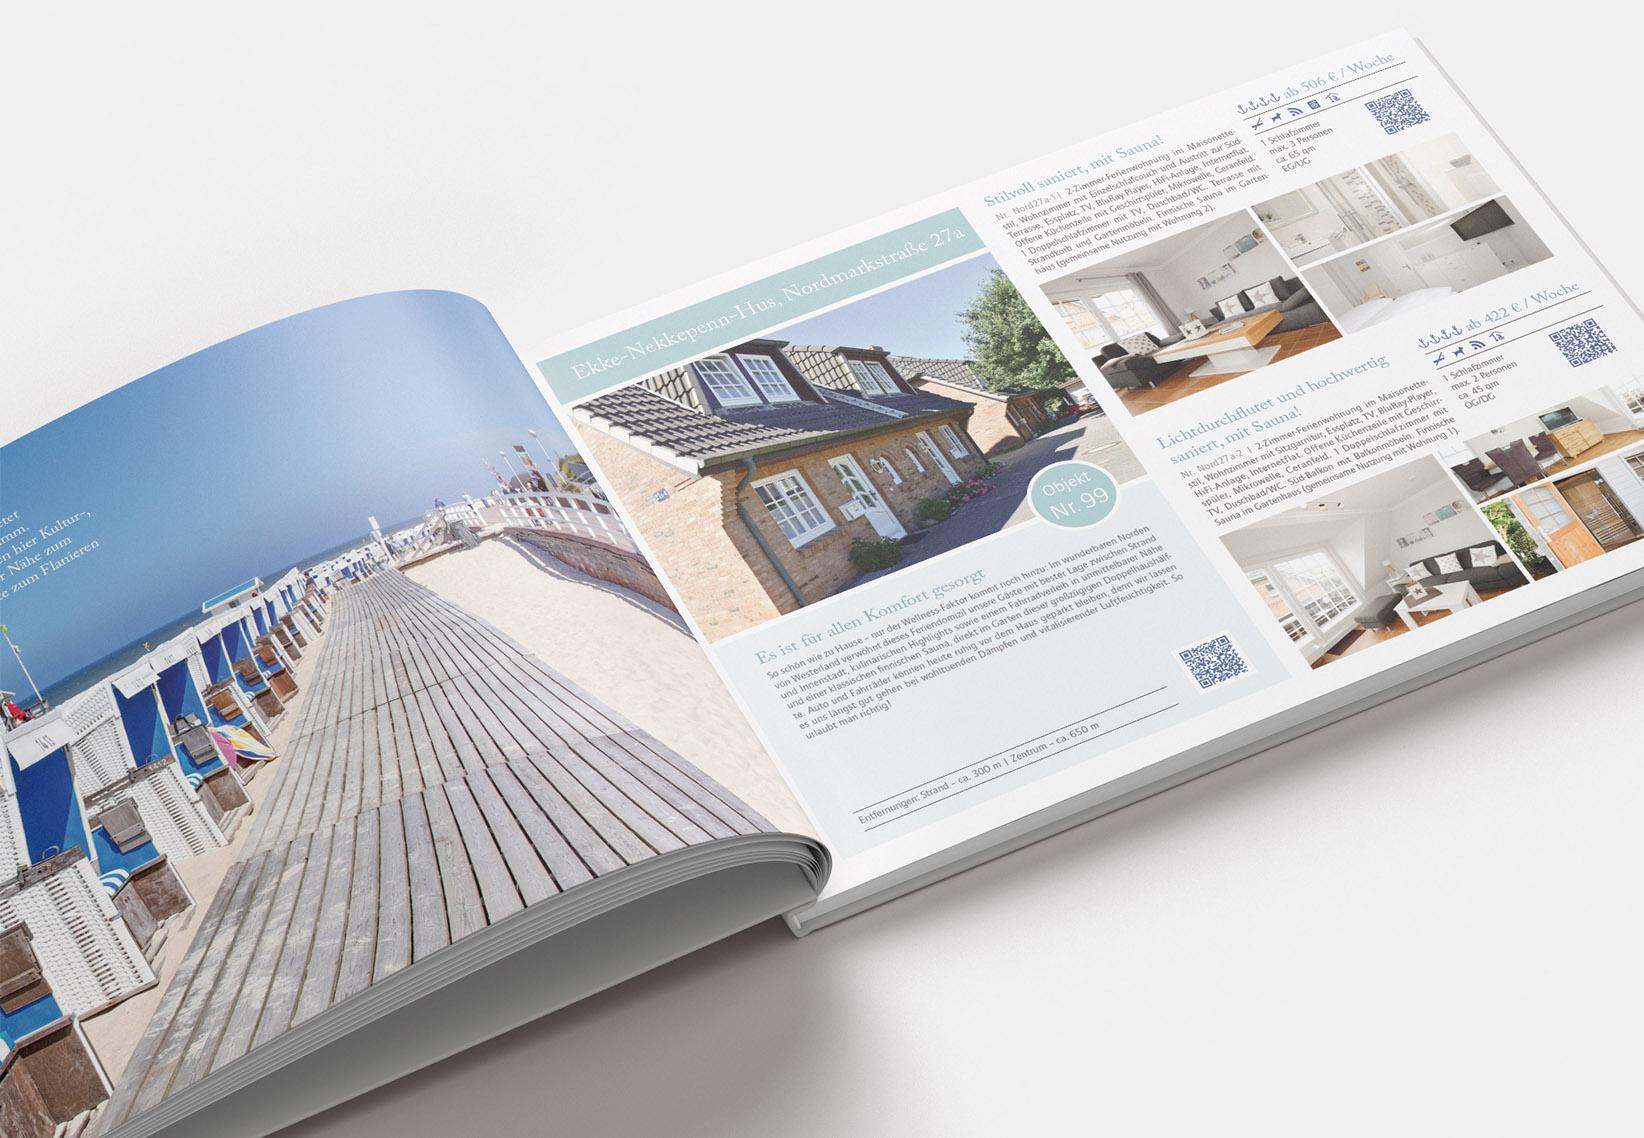 Gestaltung-Katalog-Wiking-Sylt-Innenseiten